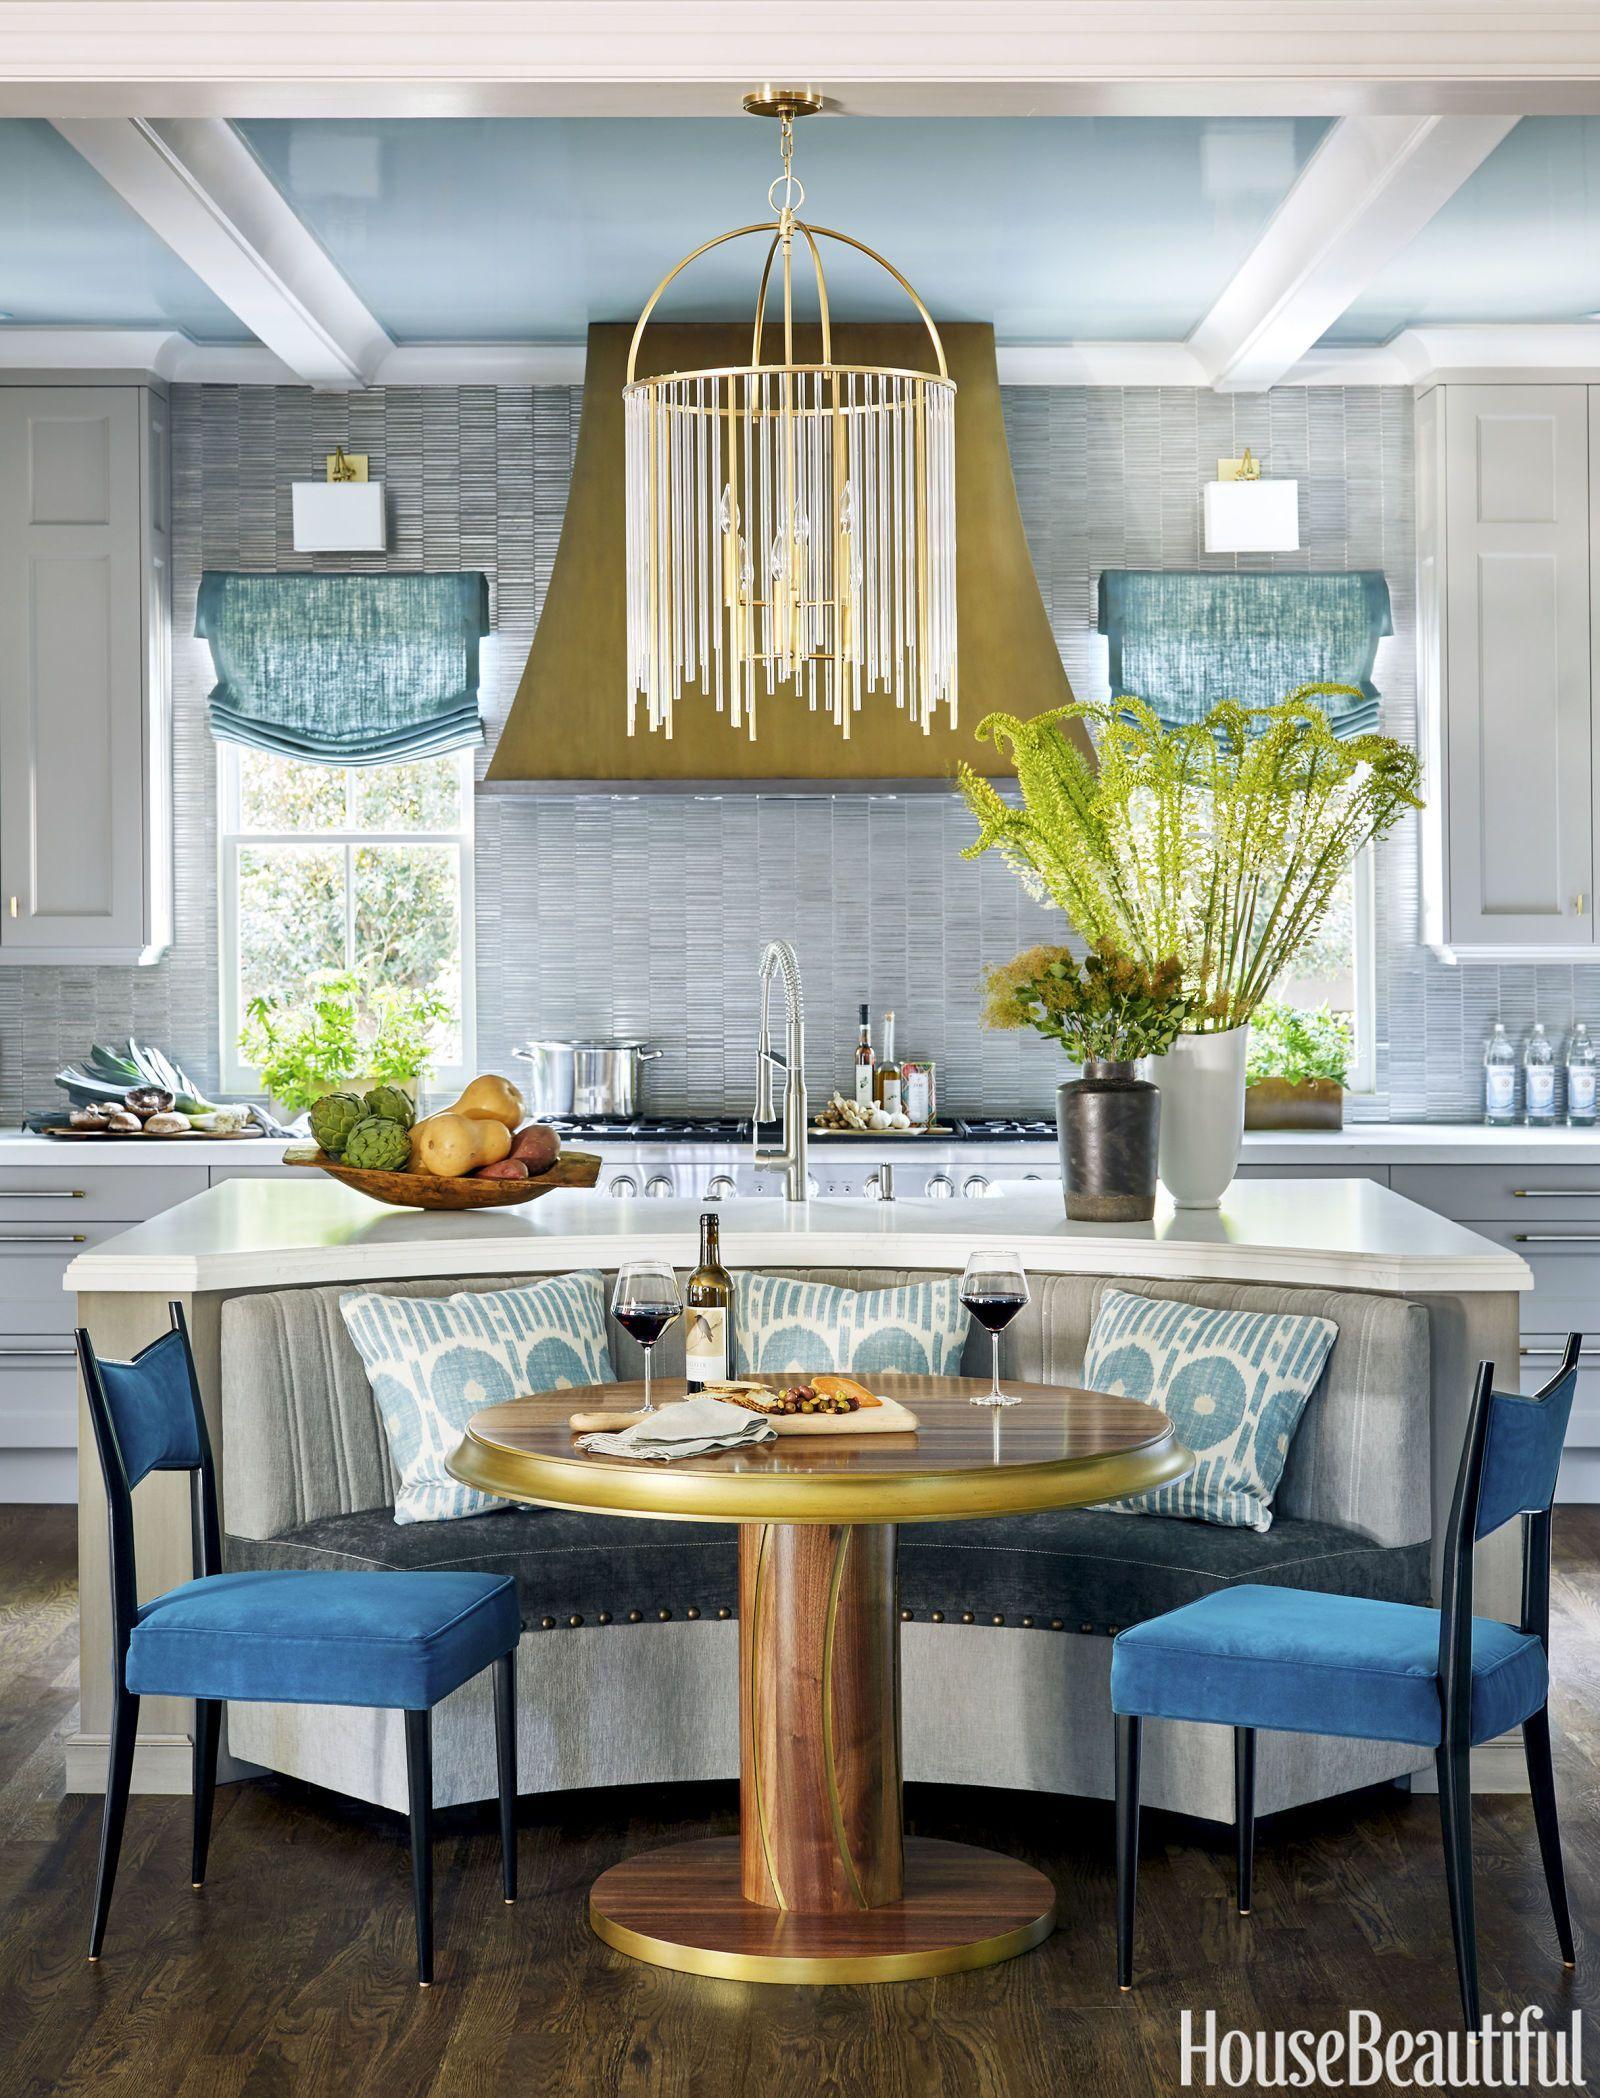 Vente Ilot Central Cuisine Pas Cher ~ Simplify Your Life With These Genius Kitchen Ideas Pinterest